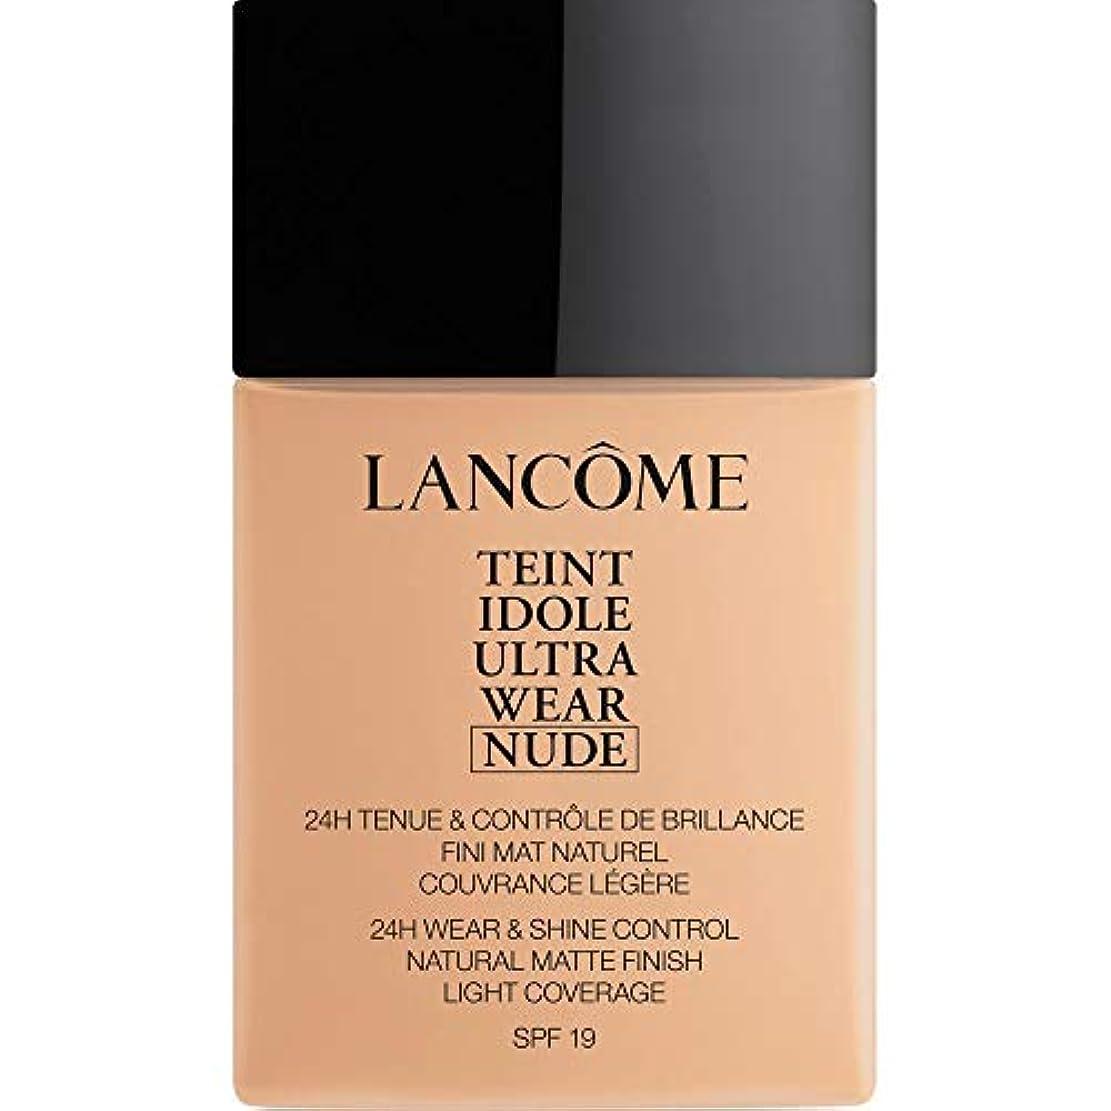 九時四十五分鉱夫ライナー[Lanc?me ] ランコムTeintのIdole超摩耗ヌード財団Spf19の40ミリリットル021 - ベージュジャスミン - Lancome Teint Idole Ultra Wear Nude Foundation...